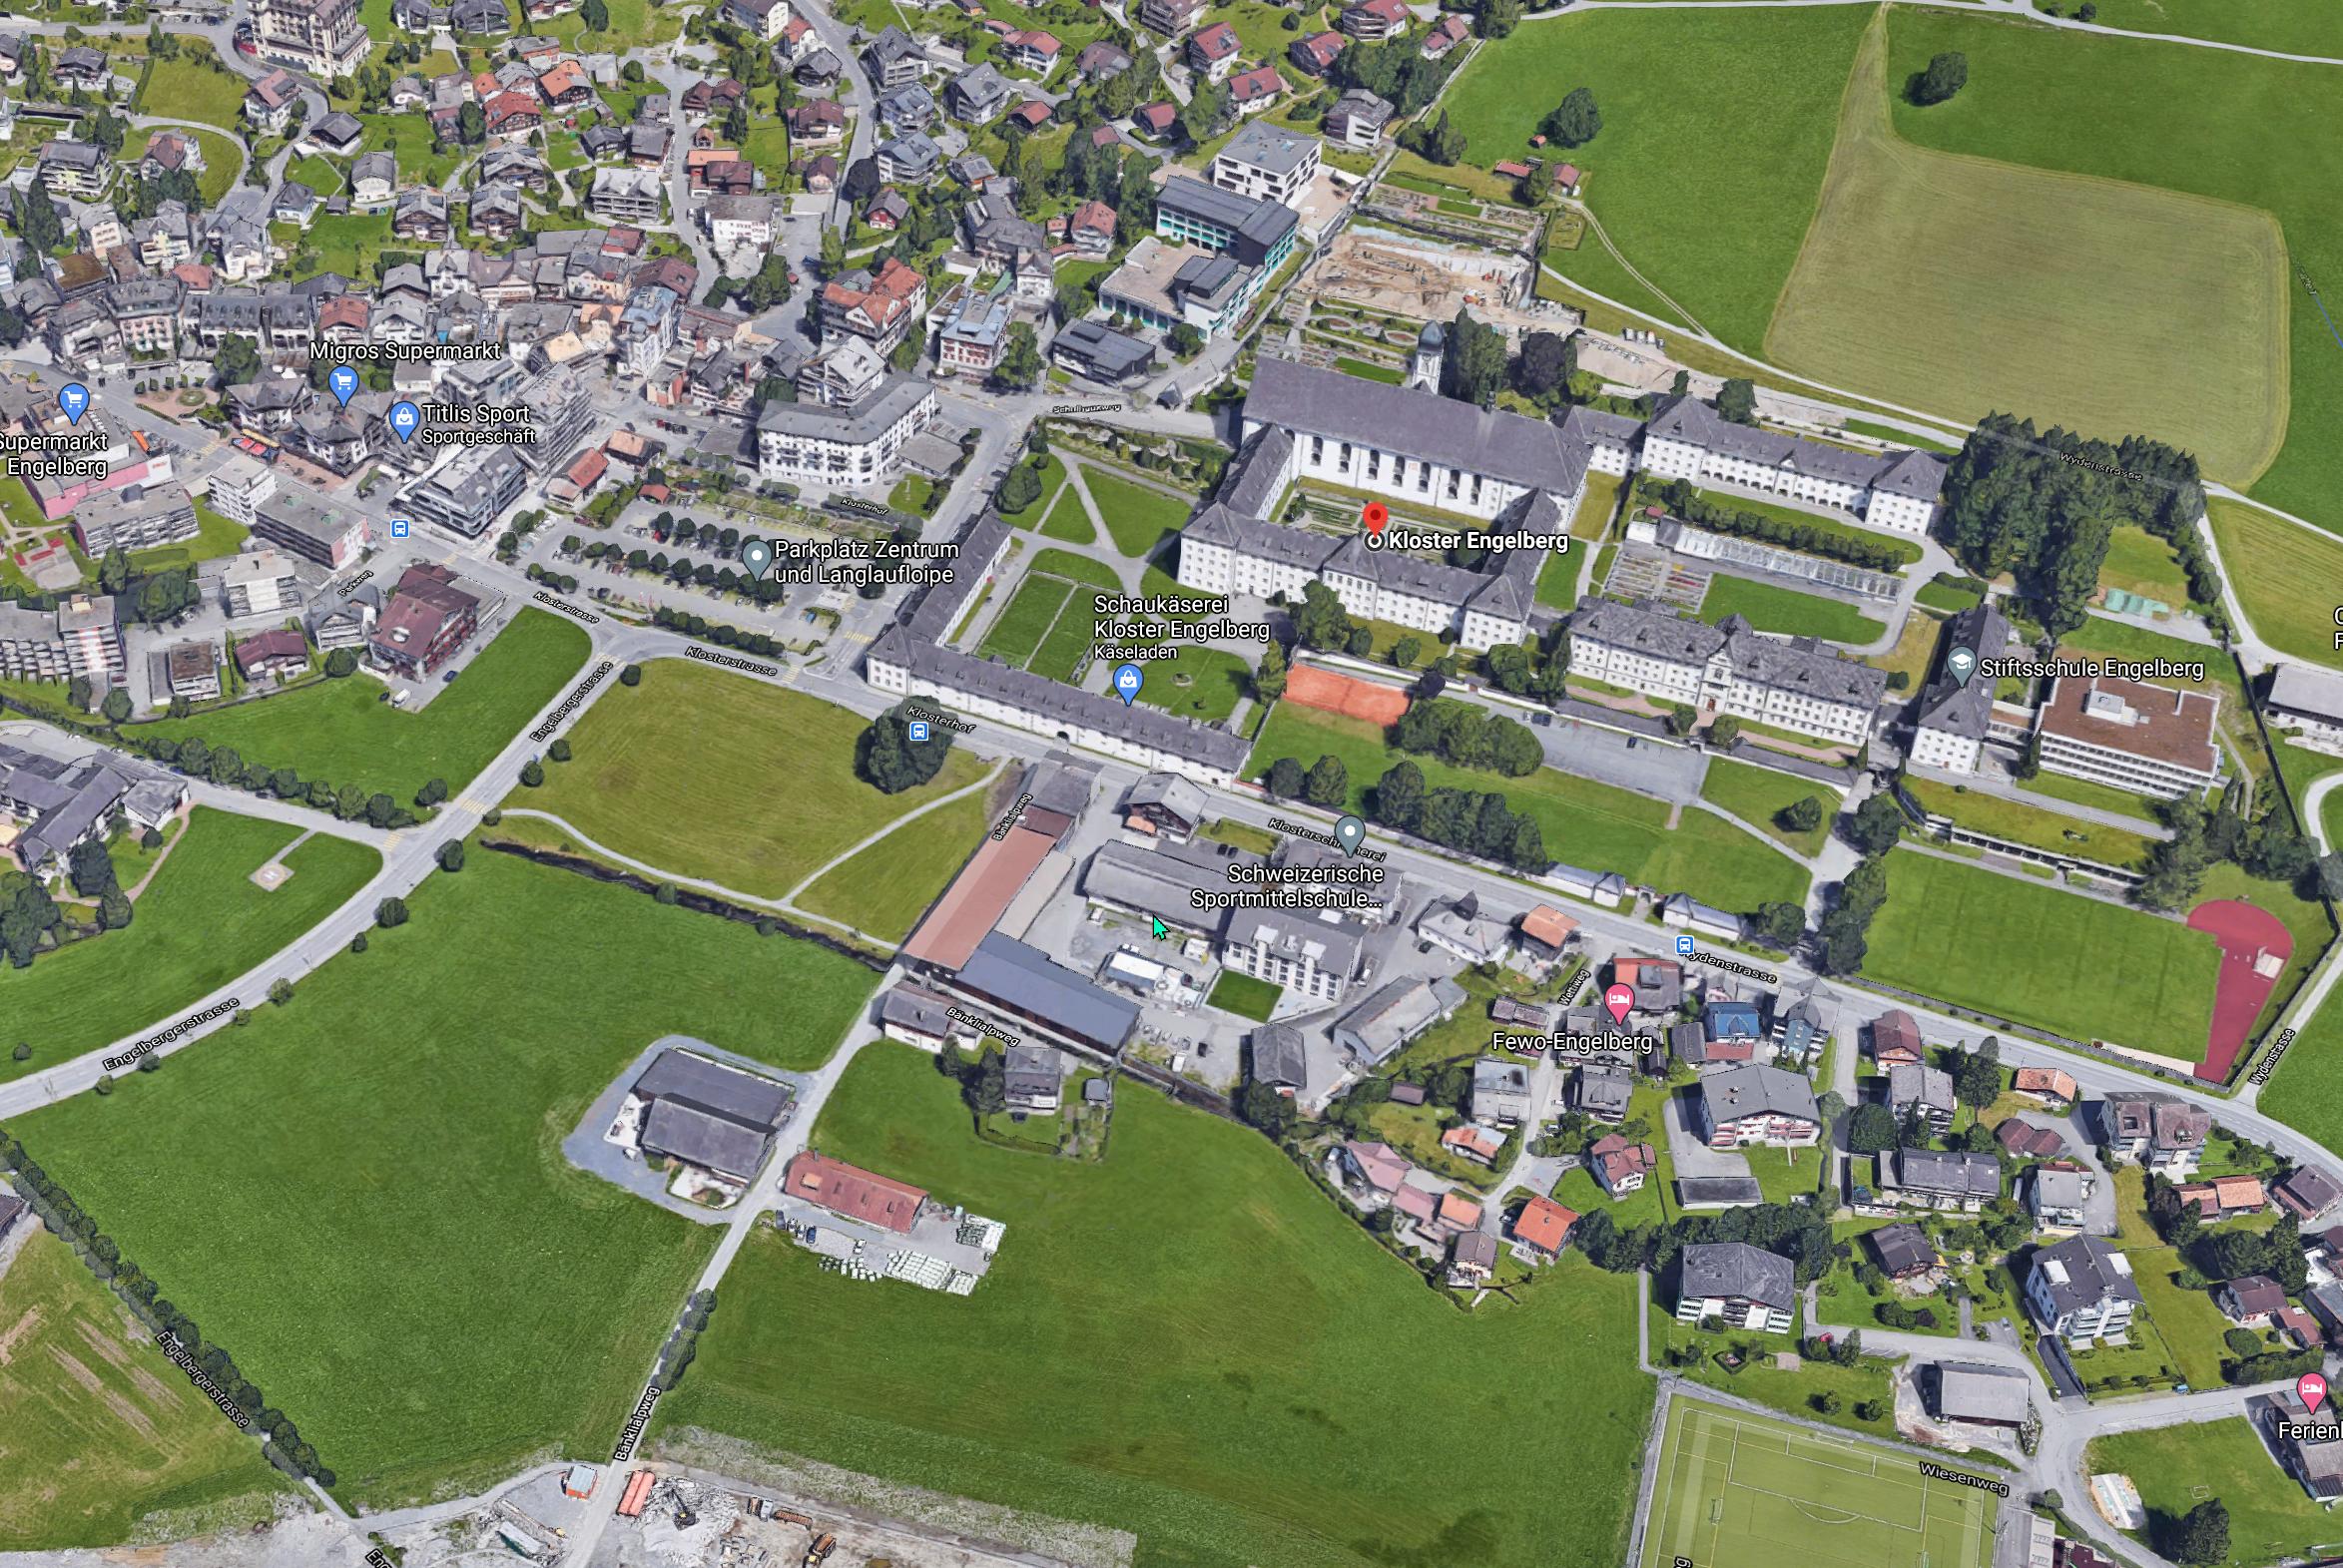 Kloster Engelberg aus der Vogelperspektive.